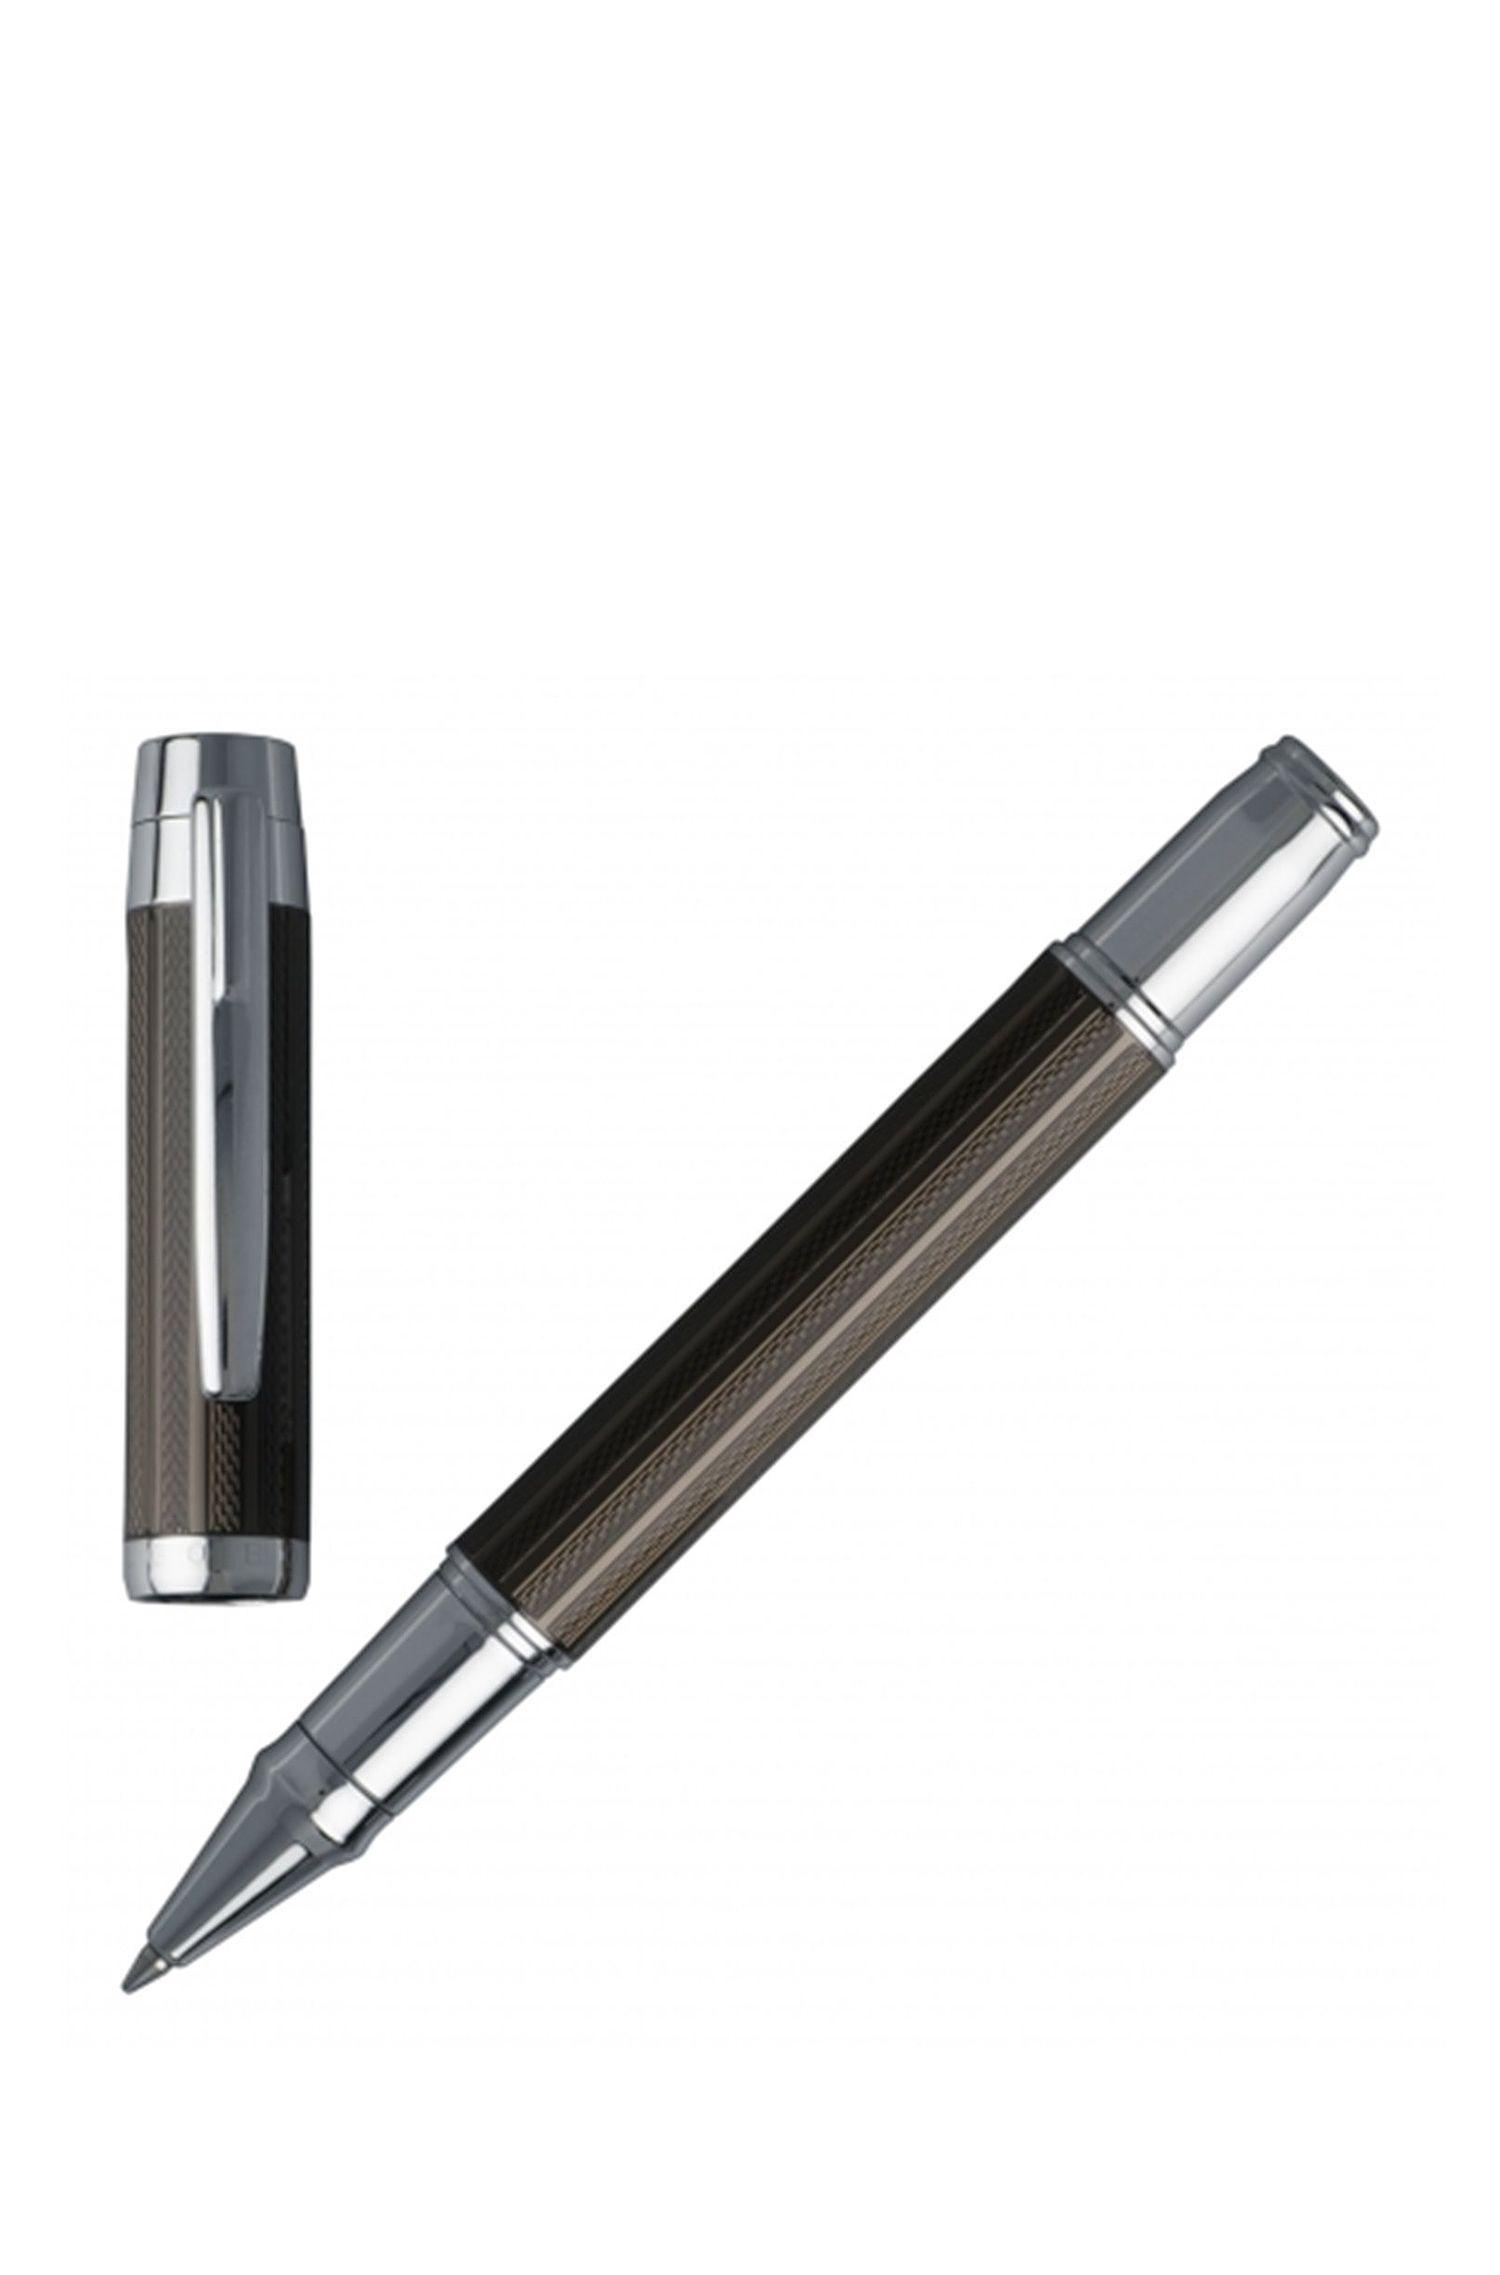 Inktroller met een zwart, technisch uitgevoerde huls